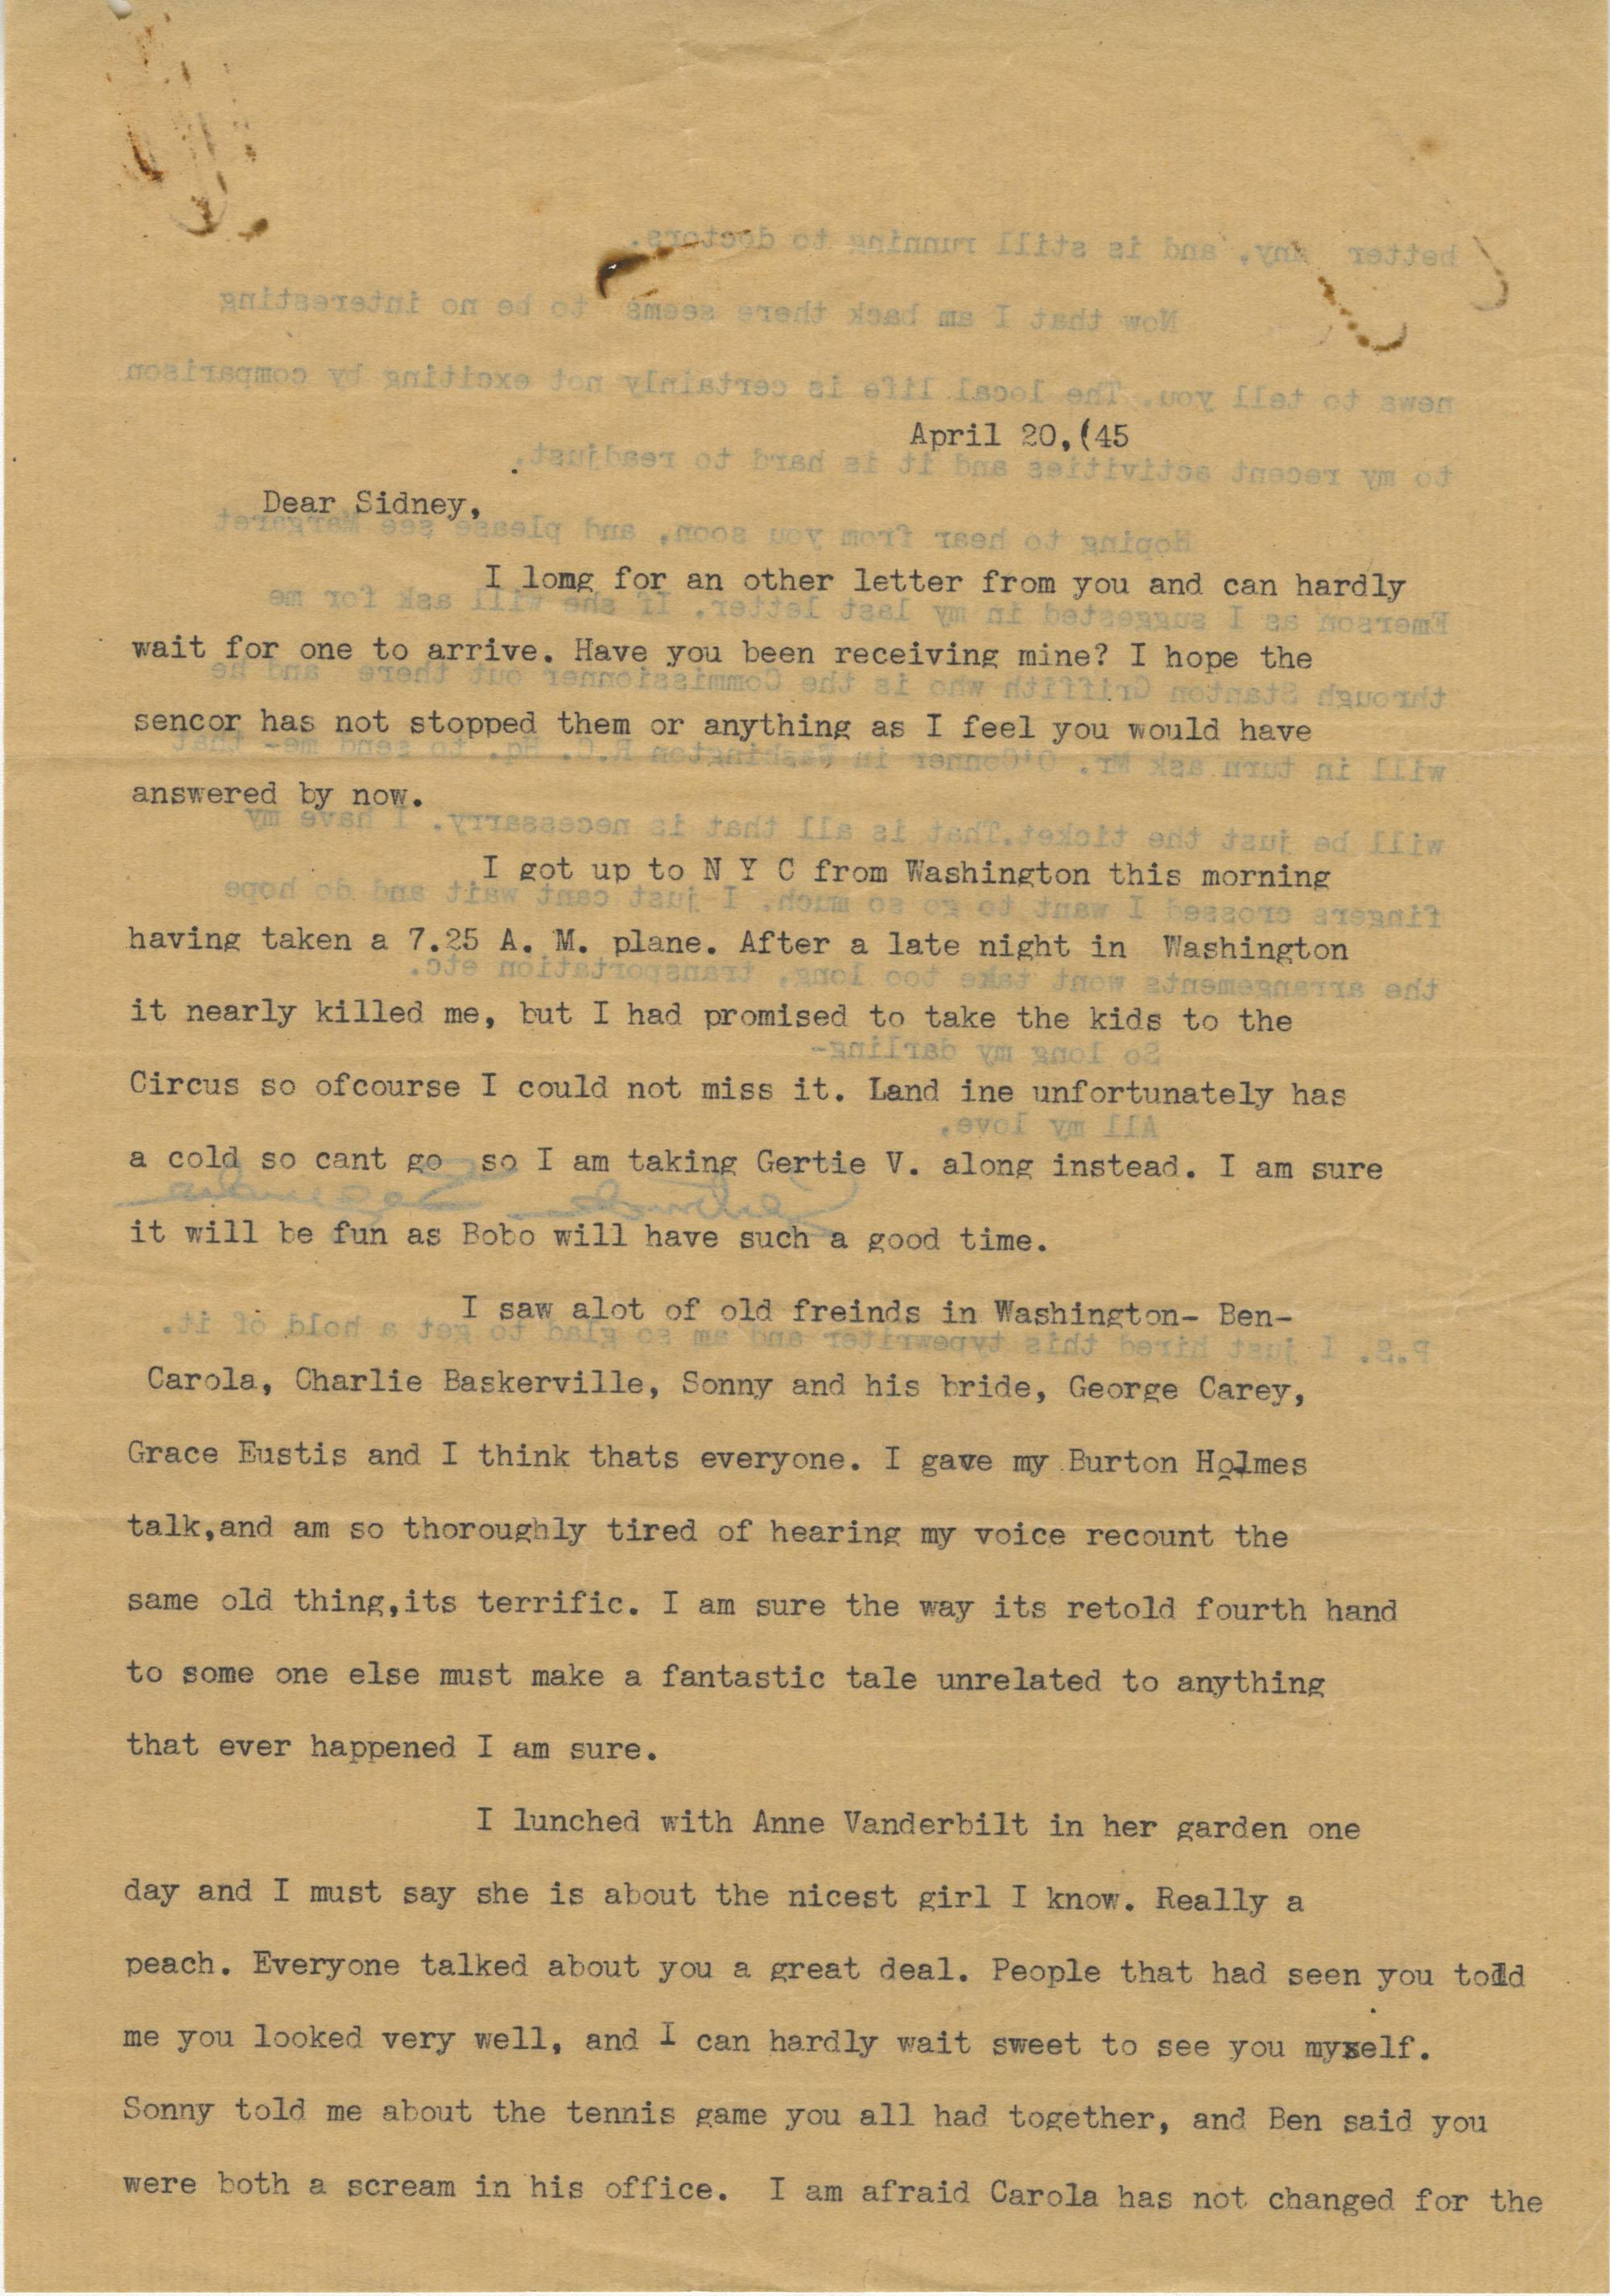 Letter 2 from Gertrude Sanford Legendre, April 20, 1945